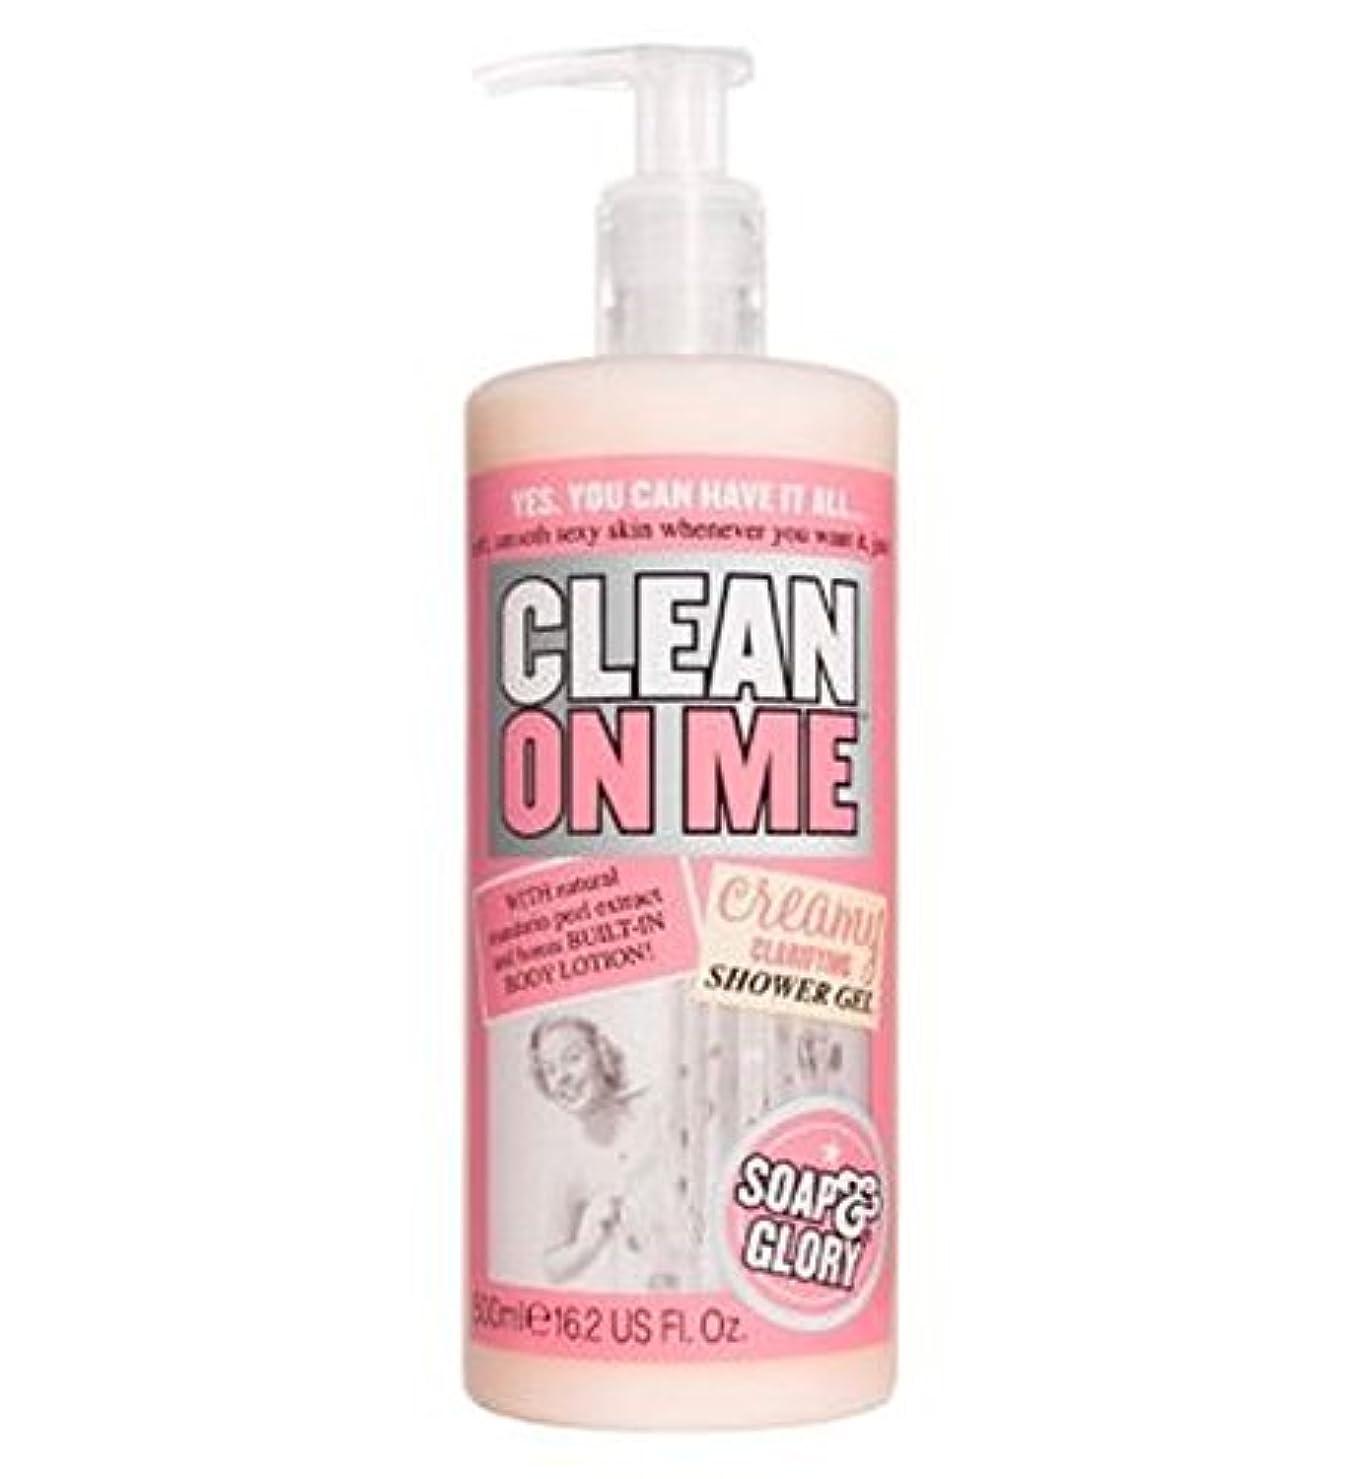 剥ぎ取る海警報Soap & Glory Clean On Me Creamy Clarifying Shower Gel 500ml - 私にきれいな石鹸&栄光はシャワージェル500ミリリットルを明確にクリーミー (Soap & Glory...